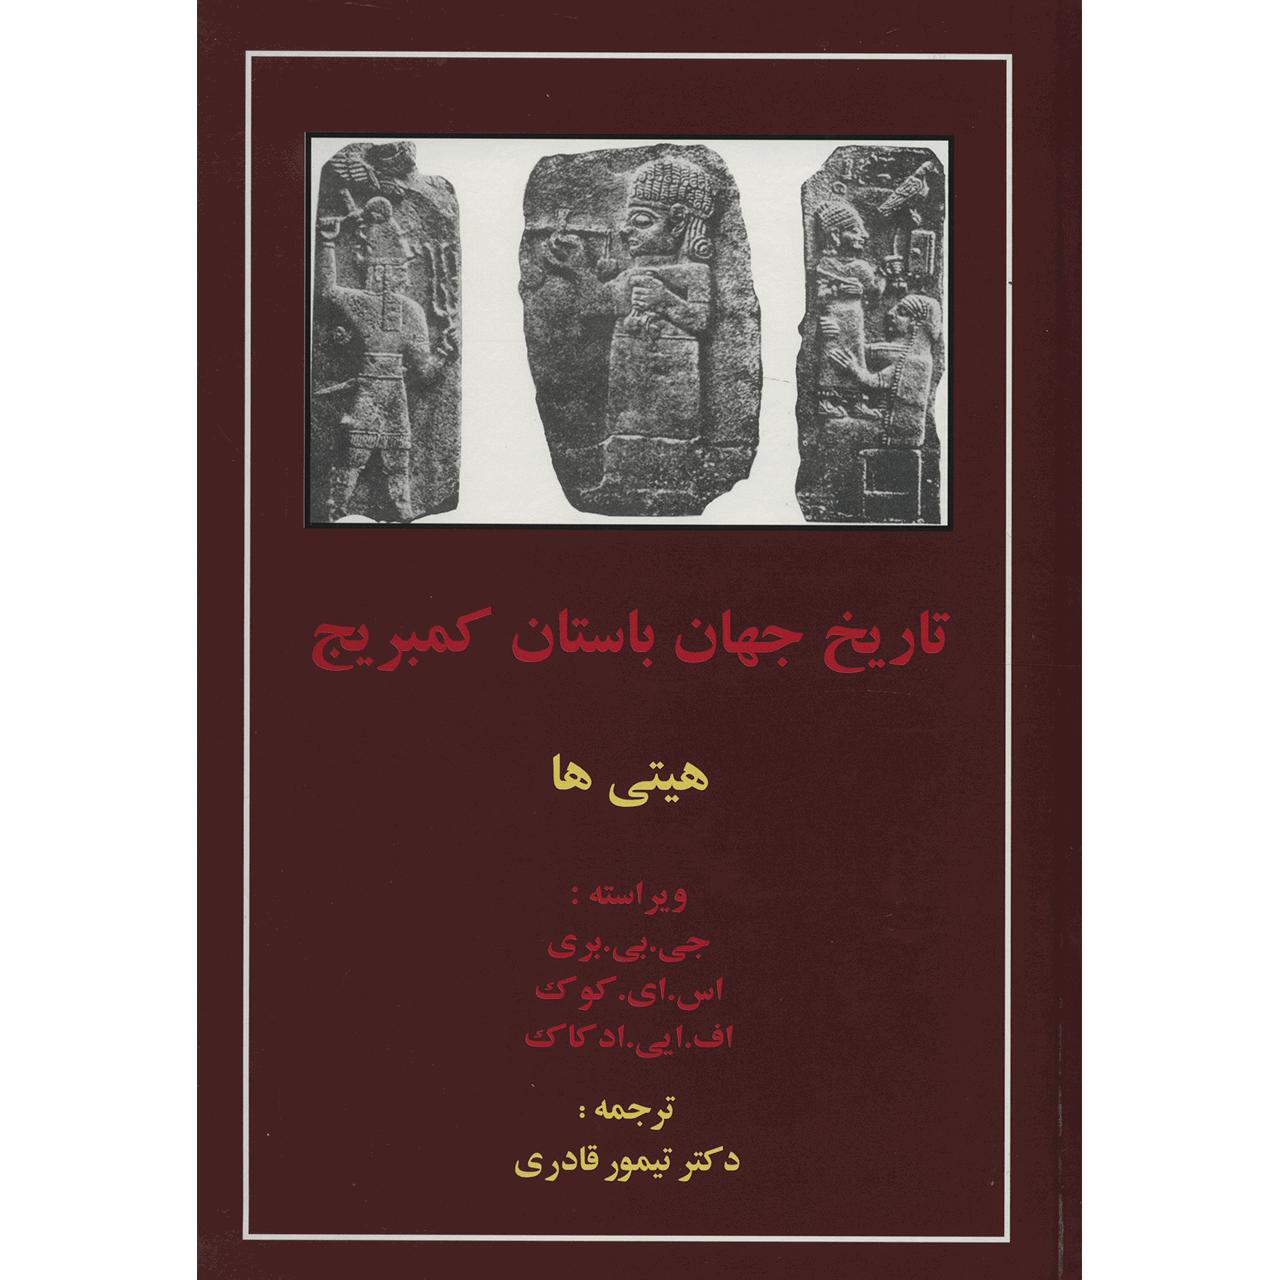 کتاب تاریخ جهان باستان کمبریج هیتی ها اثر جمعی از نویسندگان